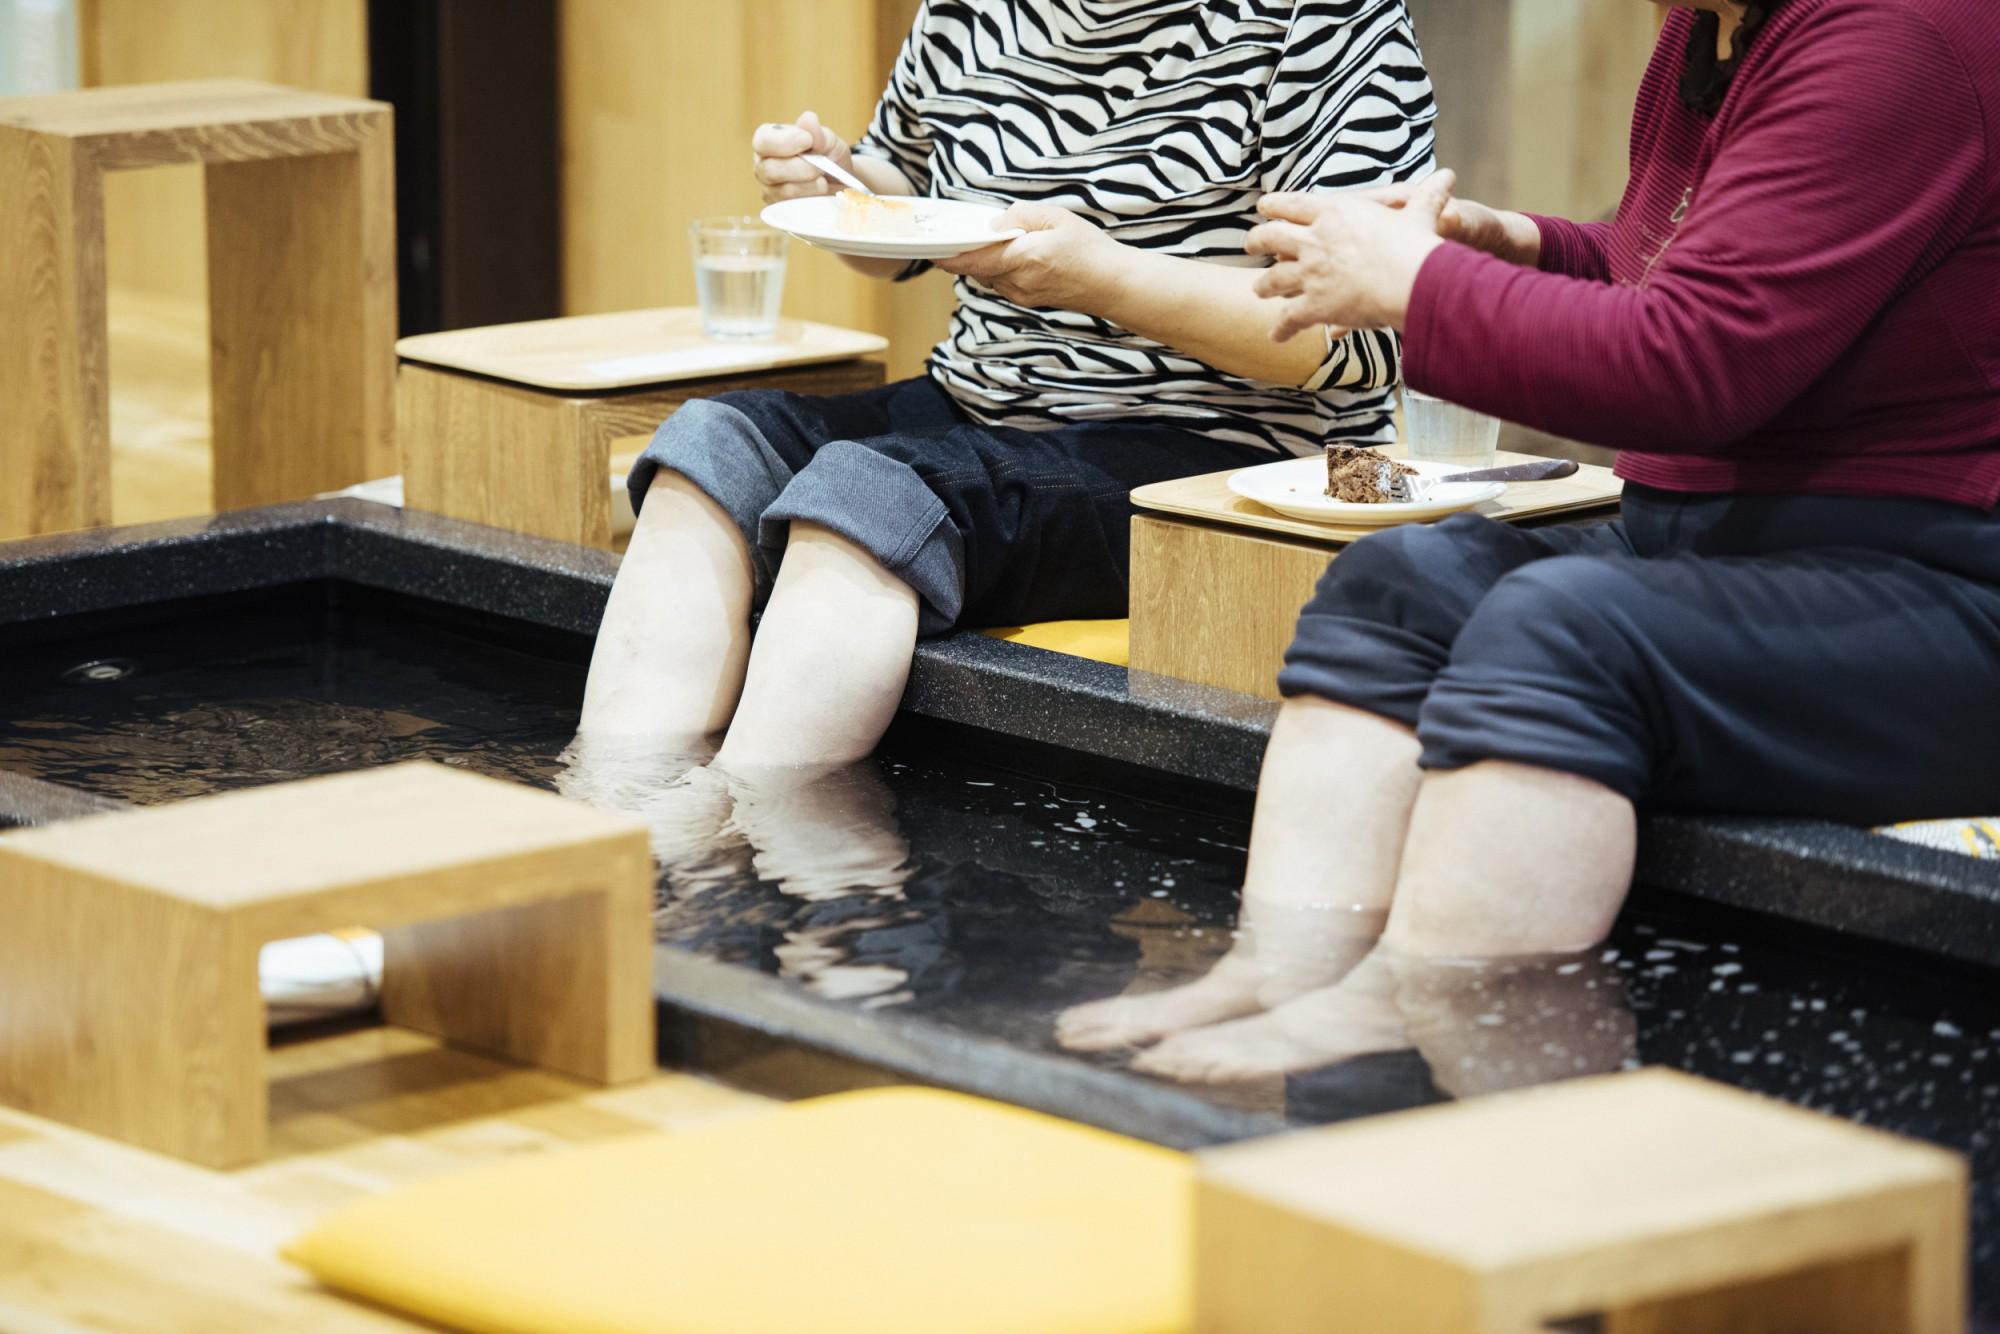 足湯につかりながらスイーツを楽しむお茶の時間。話が弾んで、つい長湯をしてしまうことも。